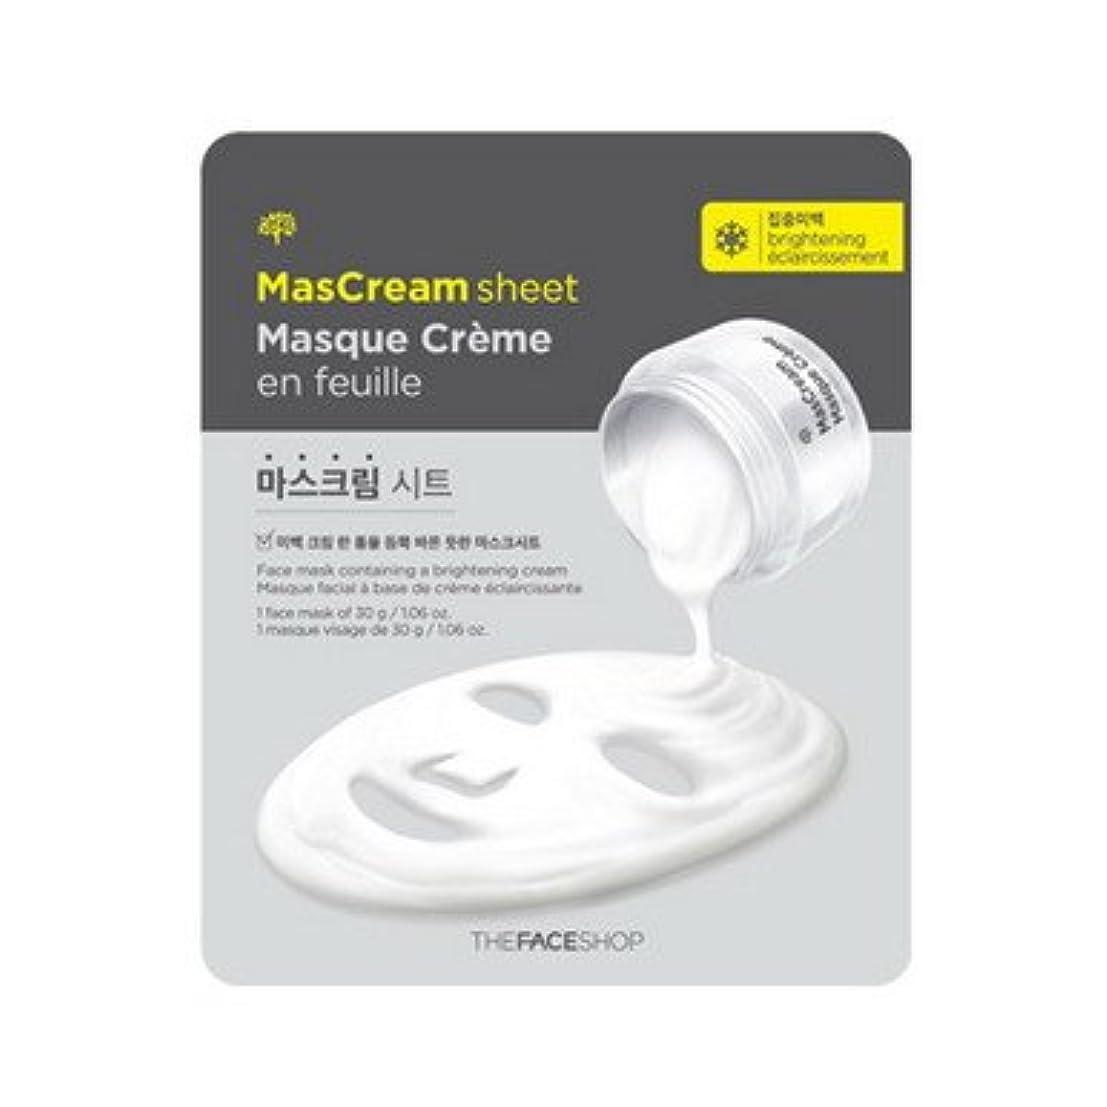 トークラベル金曜日The Face Shop (ザ?フェイスショップ) 集中ケアマスクリームシート30g(4種類/ 選択5枚)[並行輸入品]